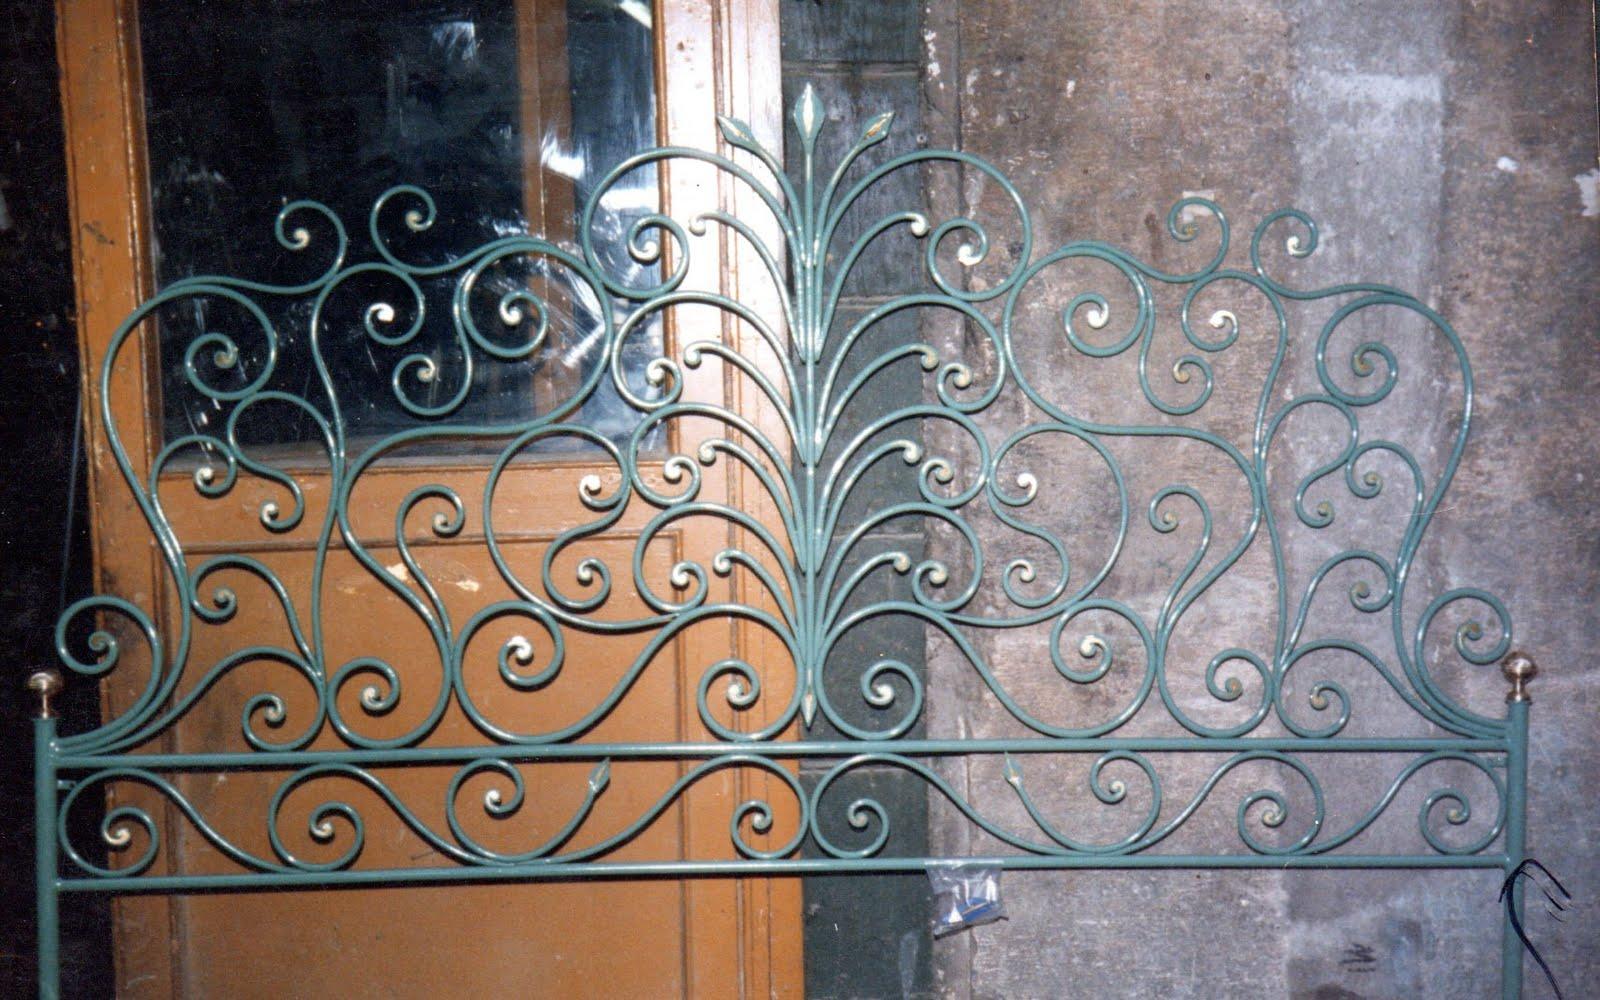 ... Lavori in ferro battuto e restauri in ferro, ottone, ghisa e alpacca